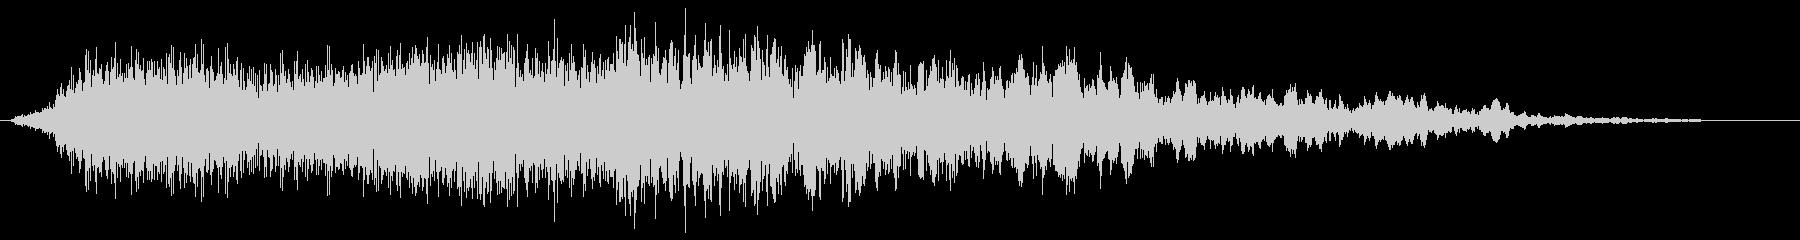 シューコーというようなエアー音の未再生の波形